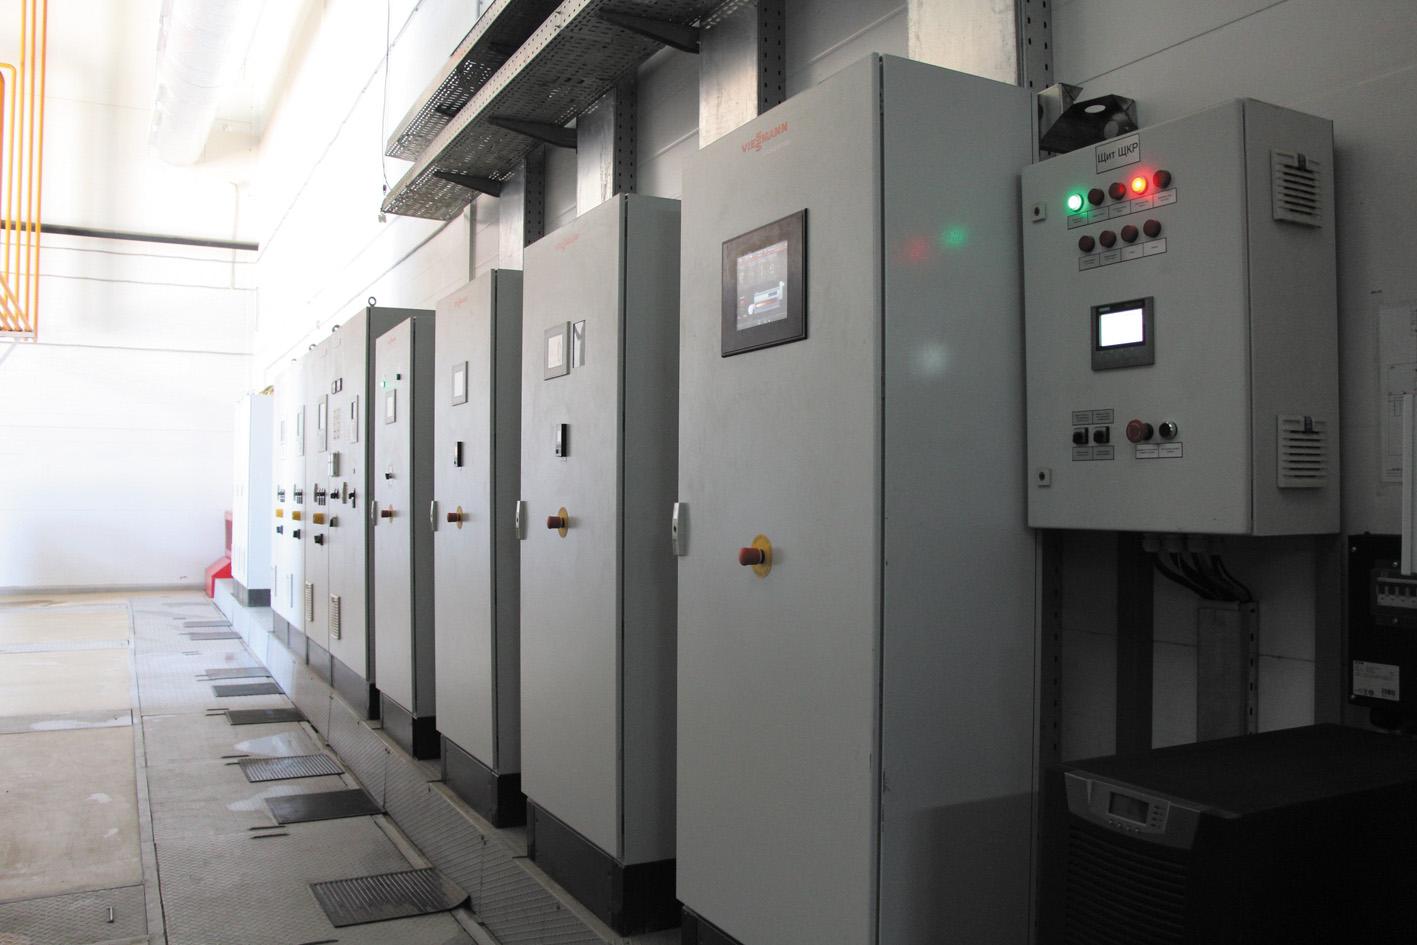 В этих шкафах размещена автоматика, управляющая работой паровых котлов и газопоршневых установок